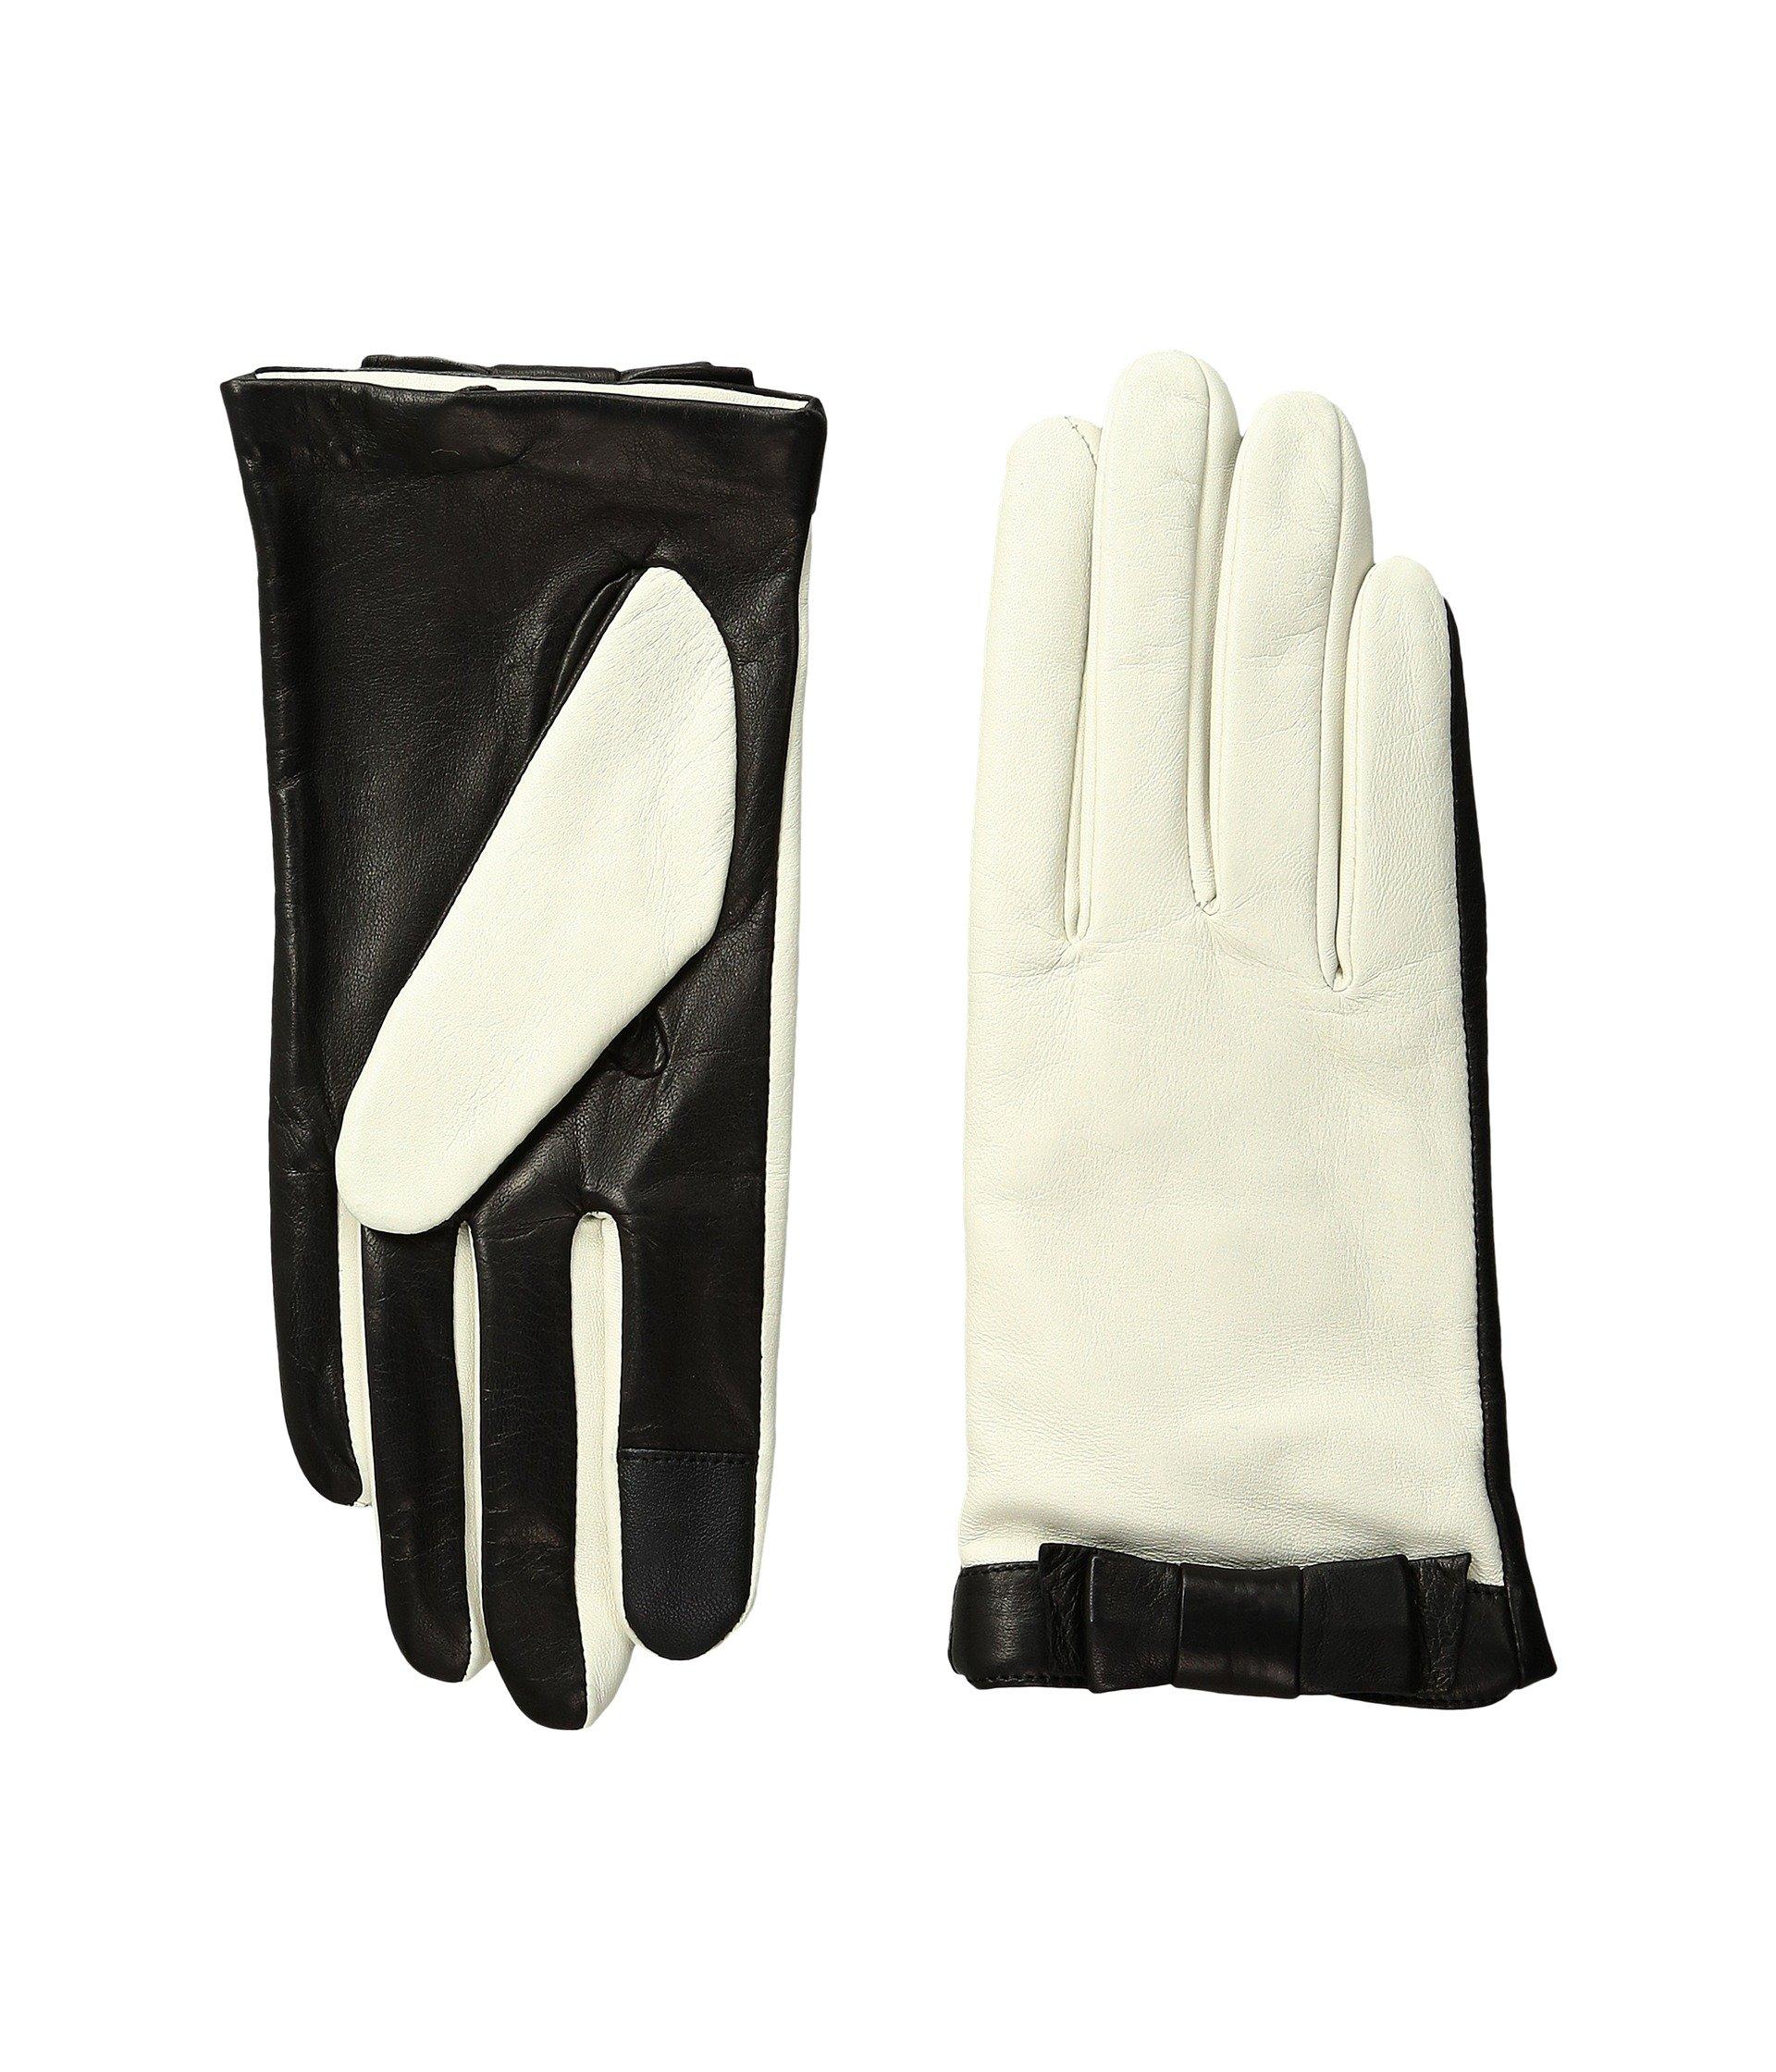 Kate Spade New York Women's Color Block Bow Short Gloves Light Shale/Black Gloves